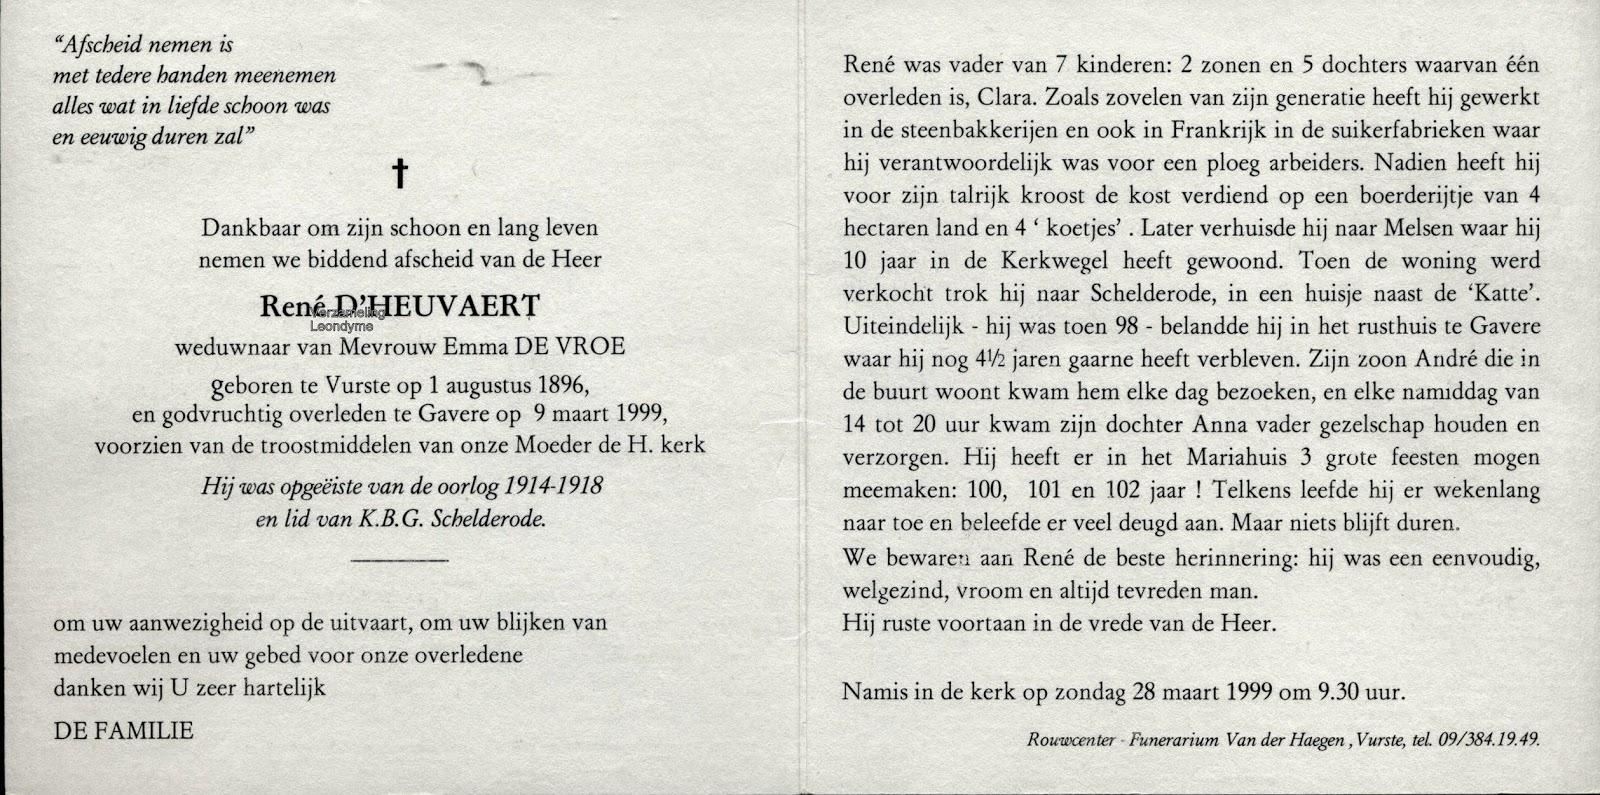 Bidprentje, René D'Heuvaert. Verzameling Leondyme